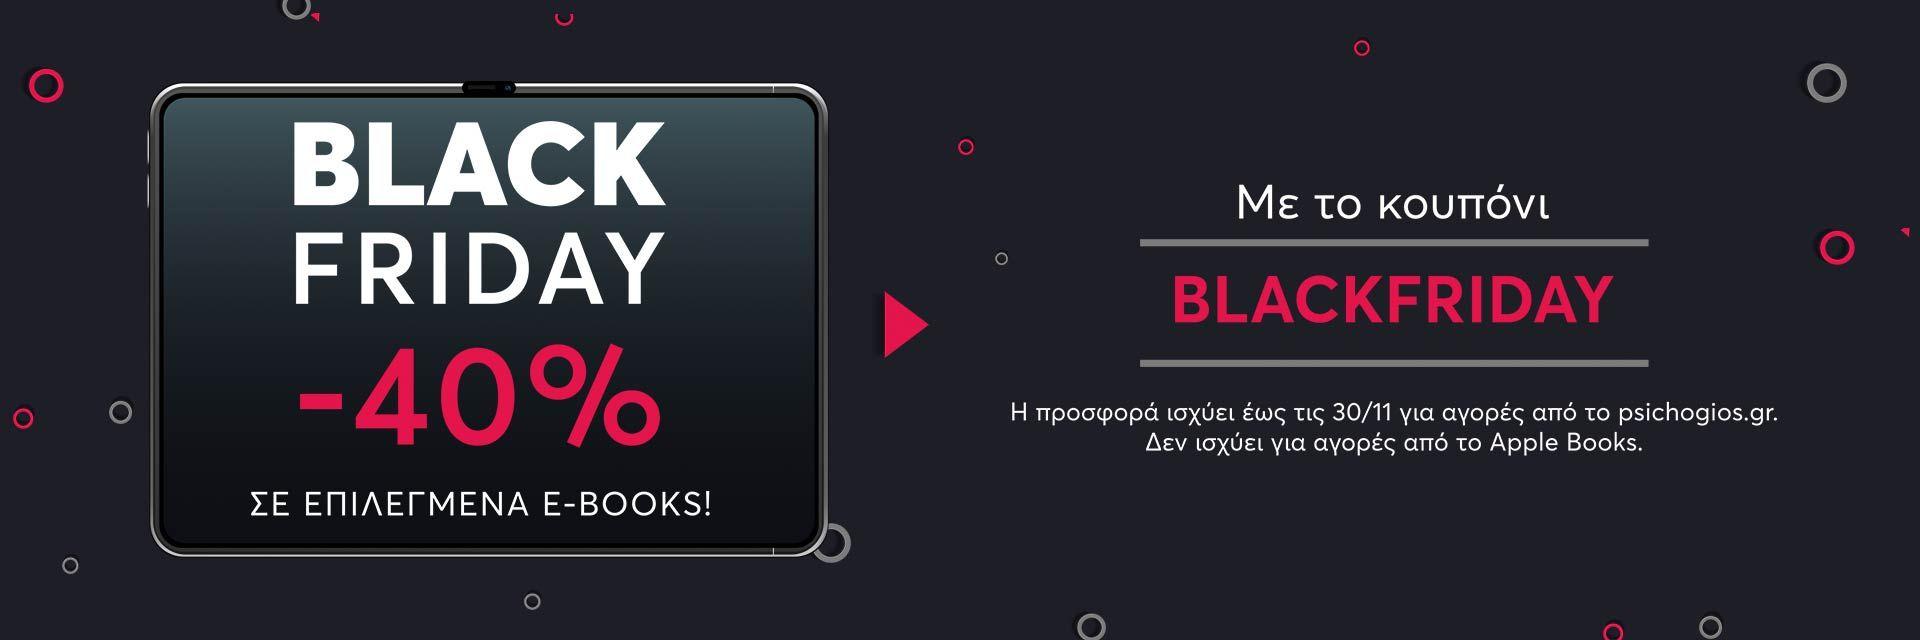 BLACK FRIDAY E-BOOKS